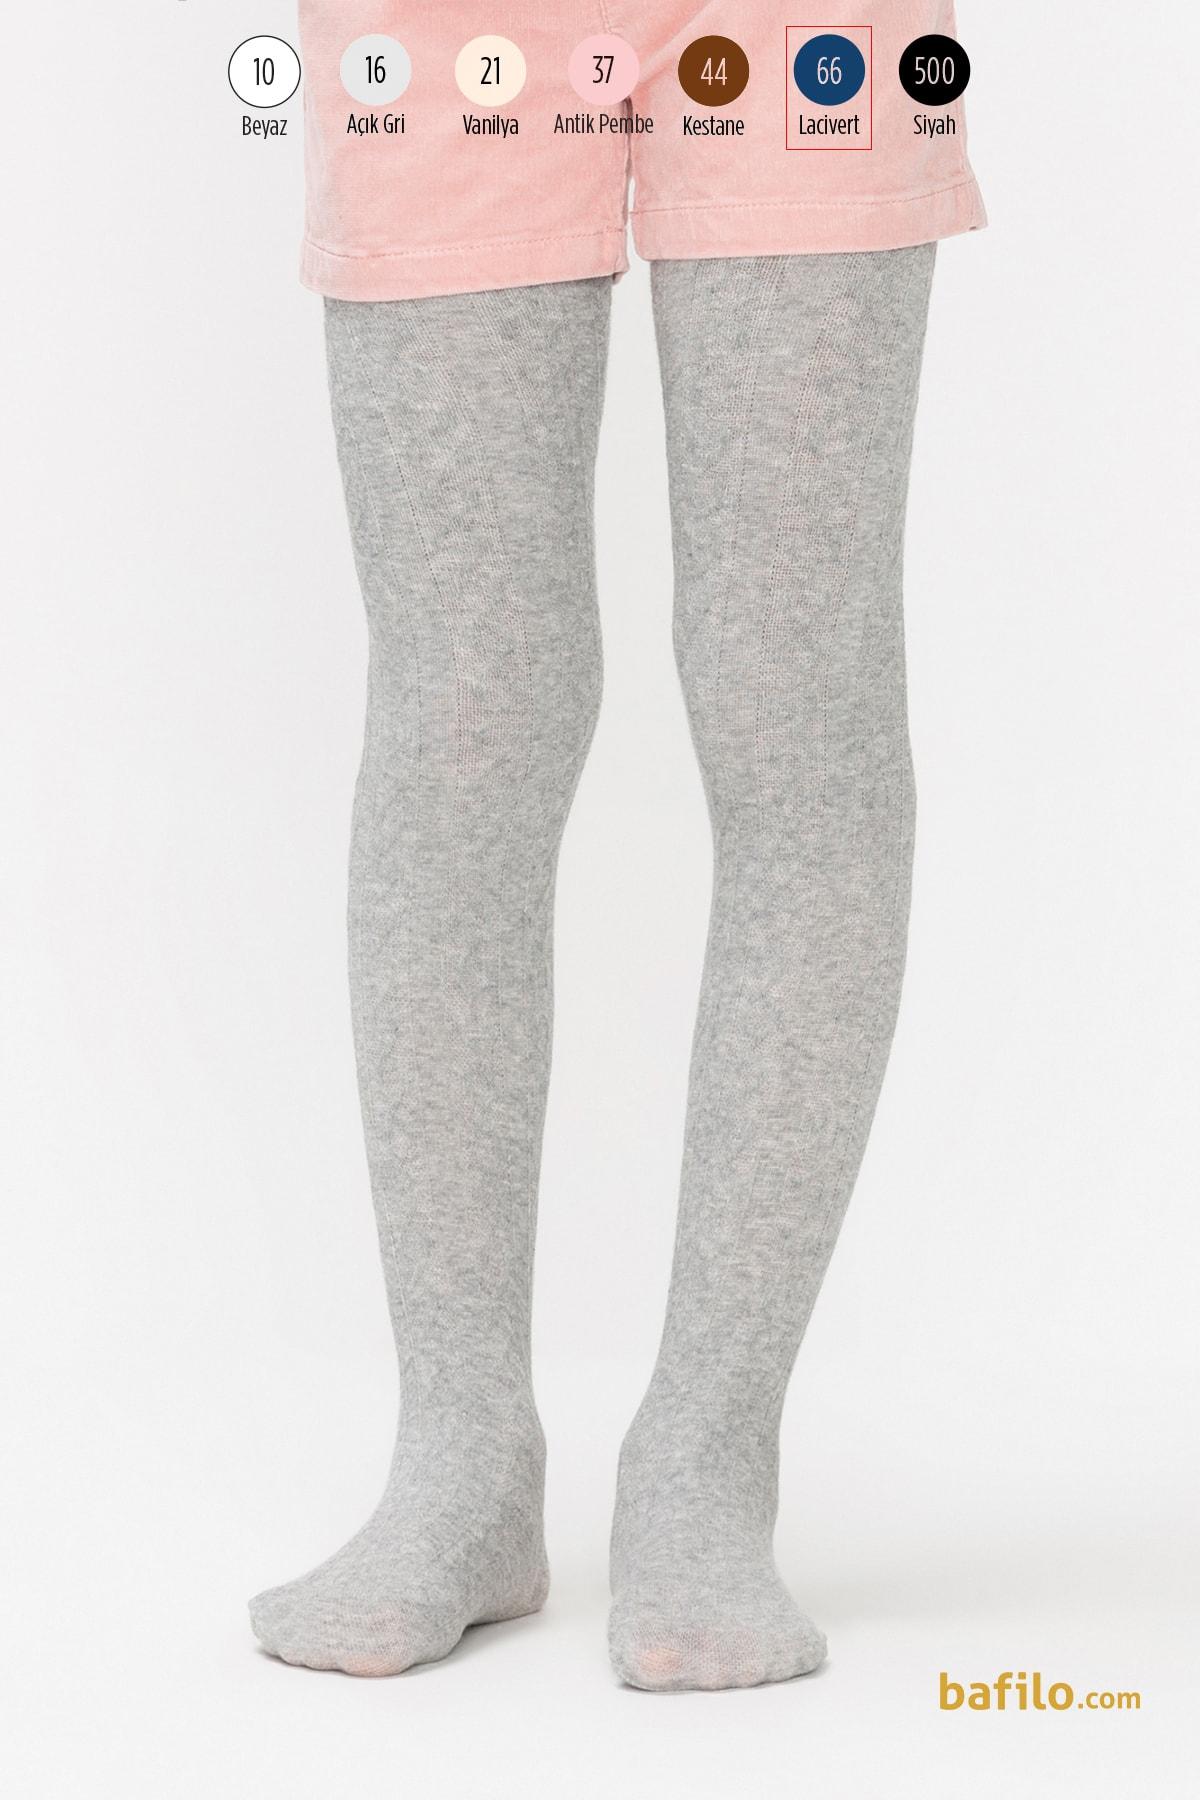 پنتی | Penti - جوراب شلواری دخترانه طرح Karina سرمه ای